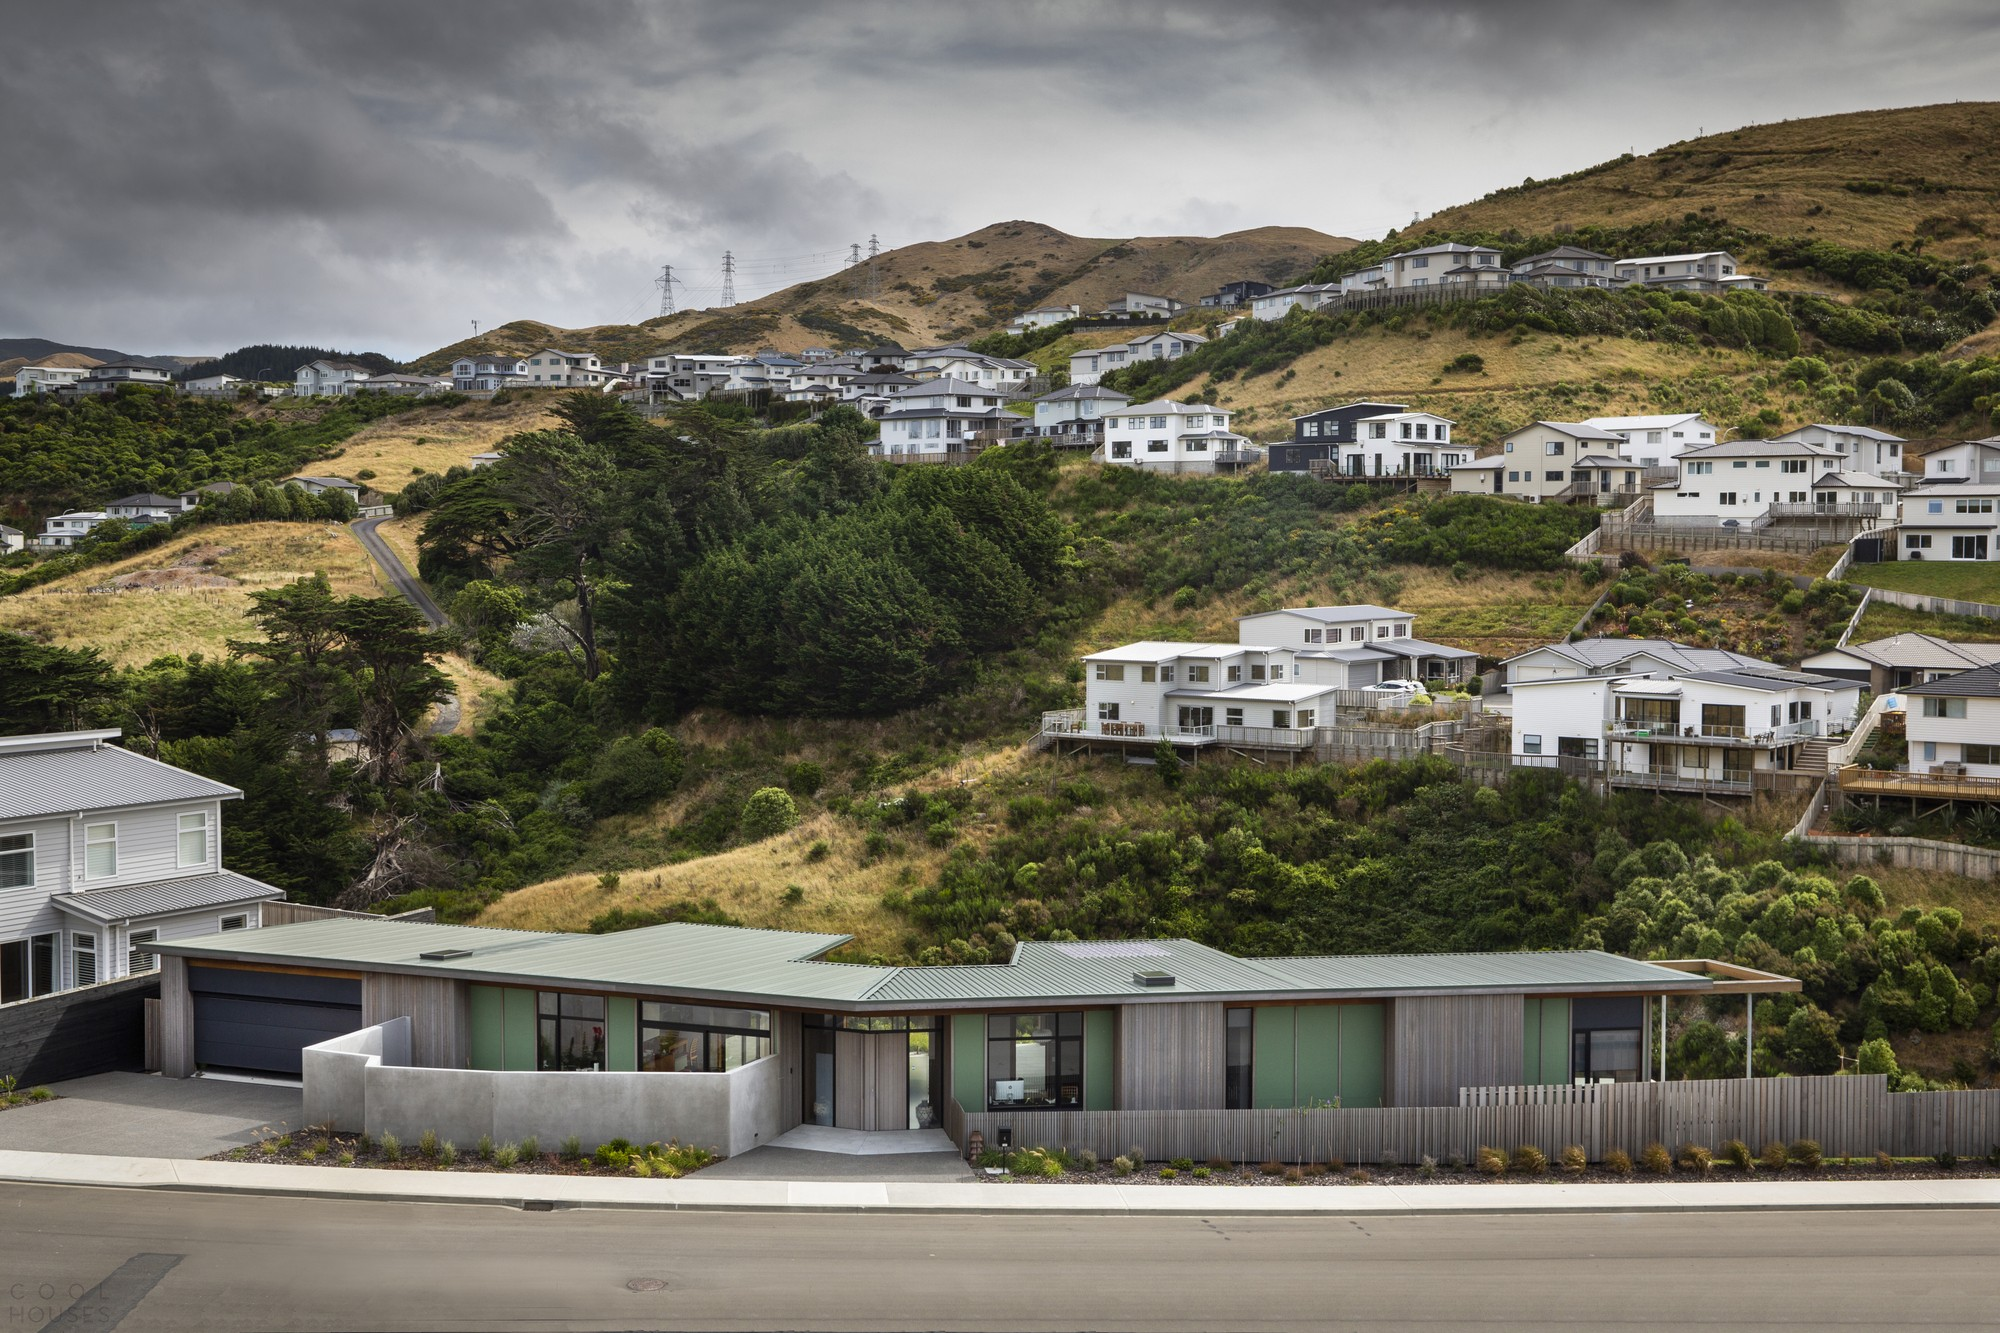 Образцовый «Длинный дом» на склоне холма